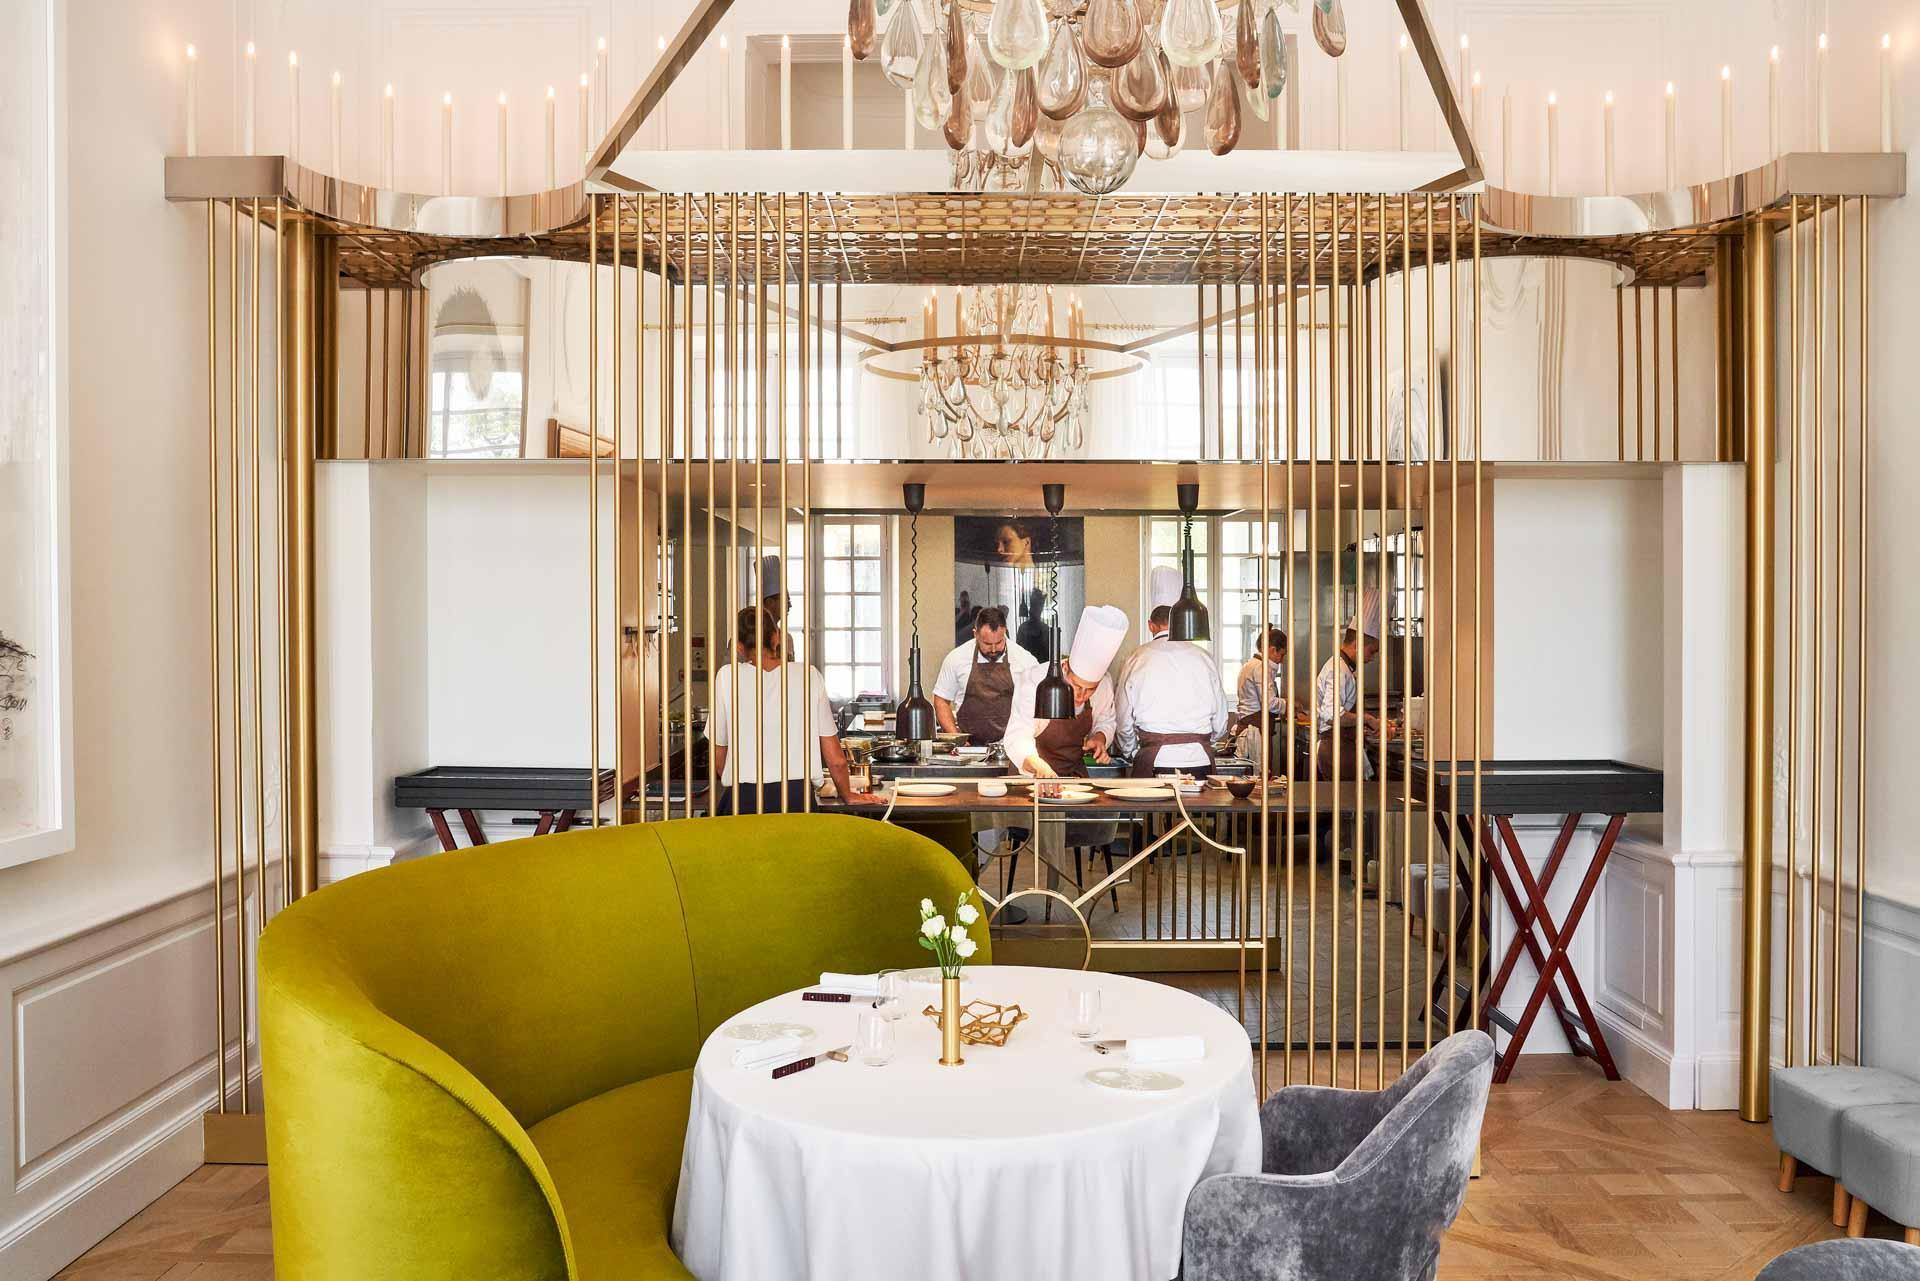 Le restaurant gastronomique du Château de la Gaude © Richard Haughton